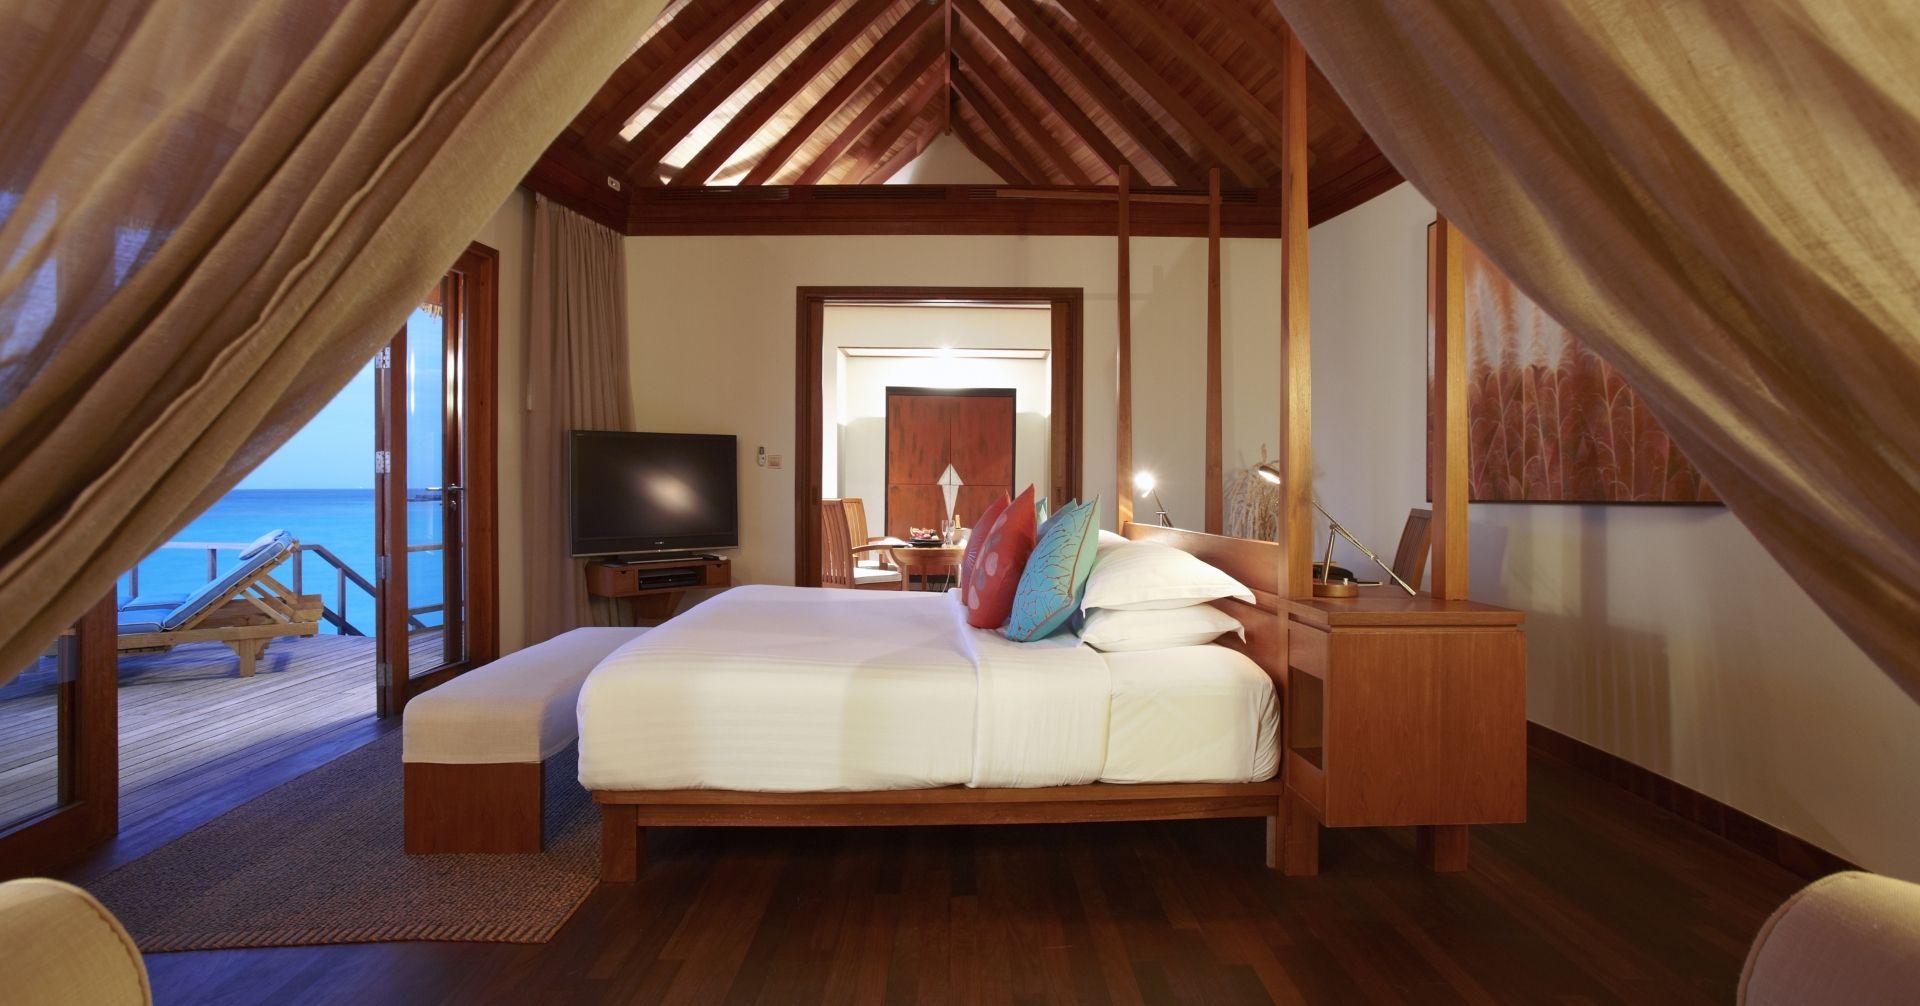 An Over water suite bedroom